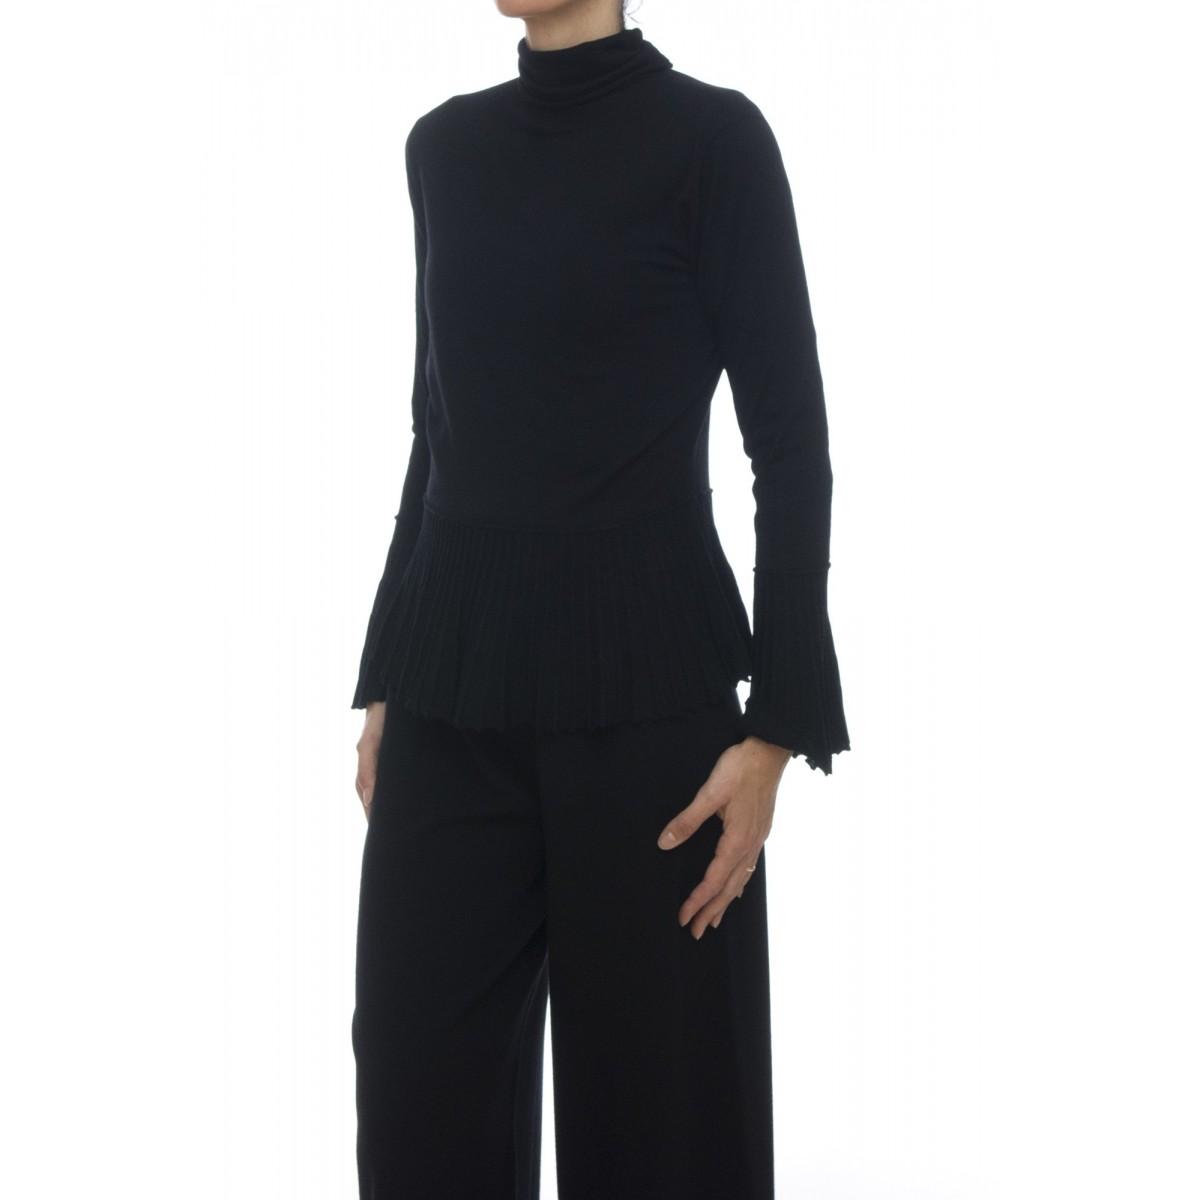 Maglia - 4535/05 maglia plisse collo alto